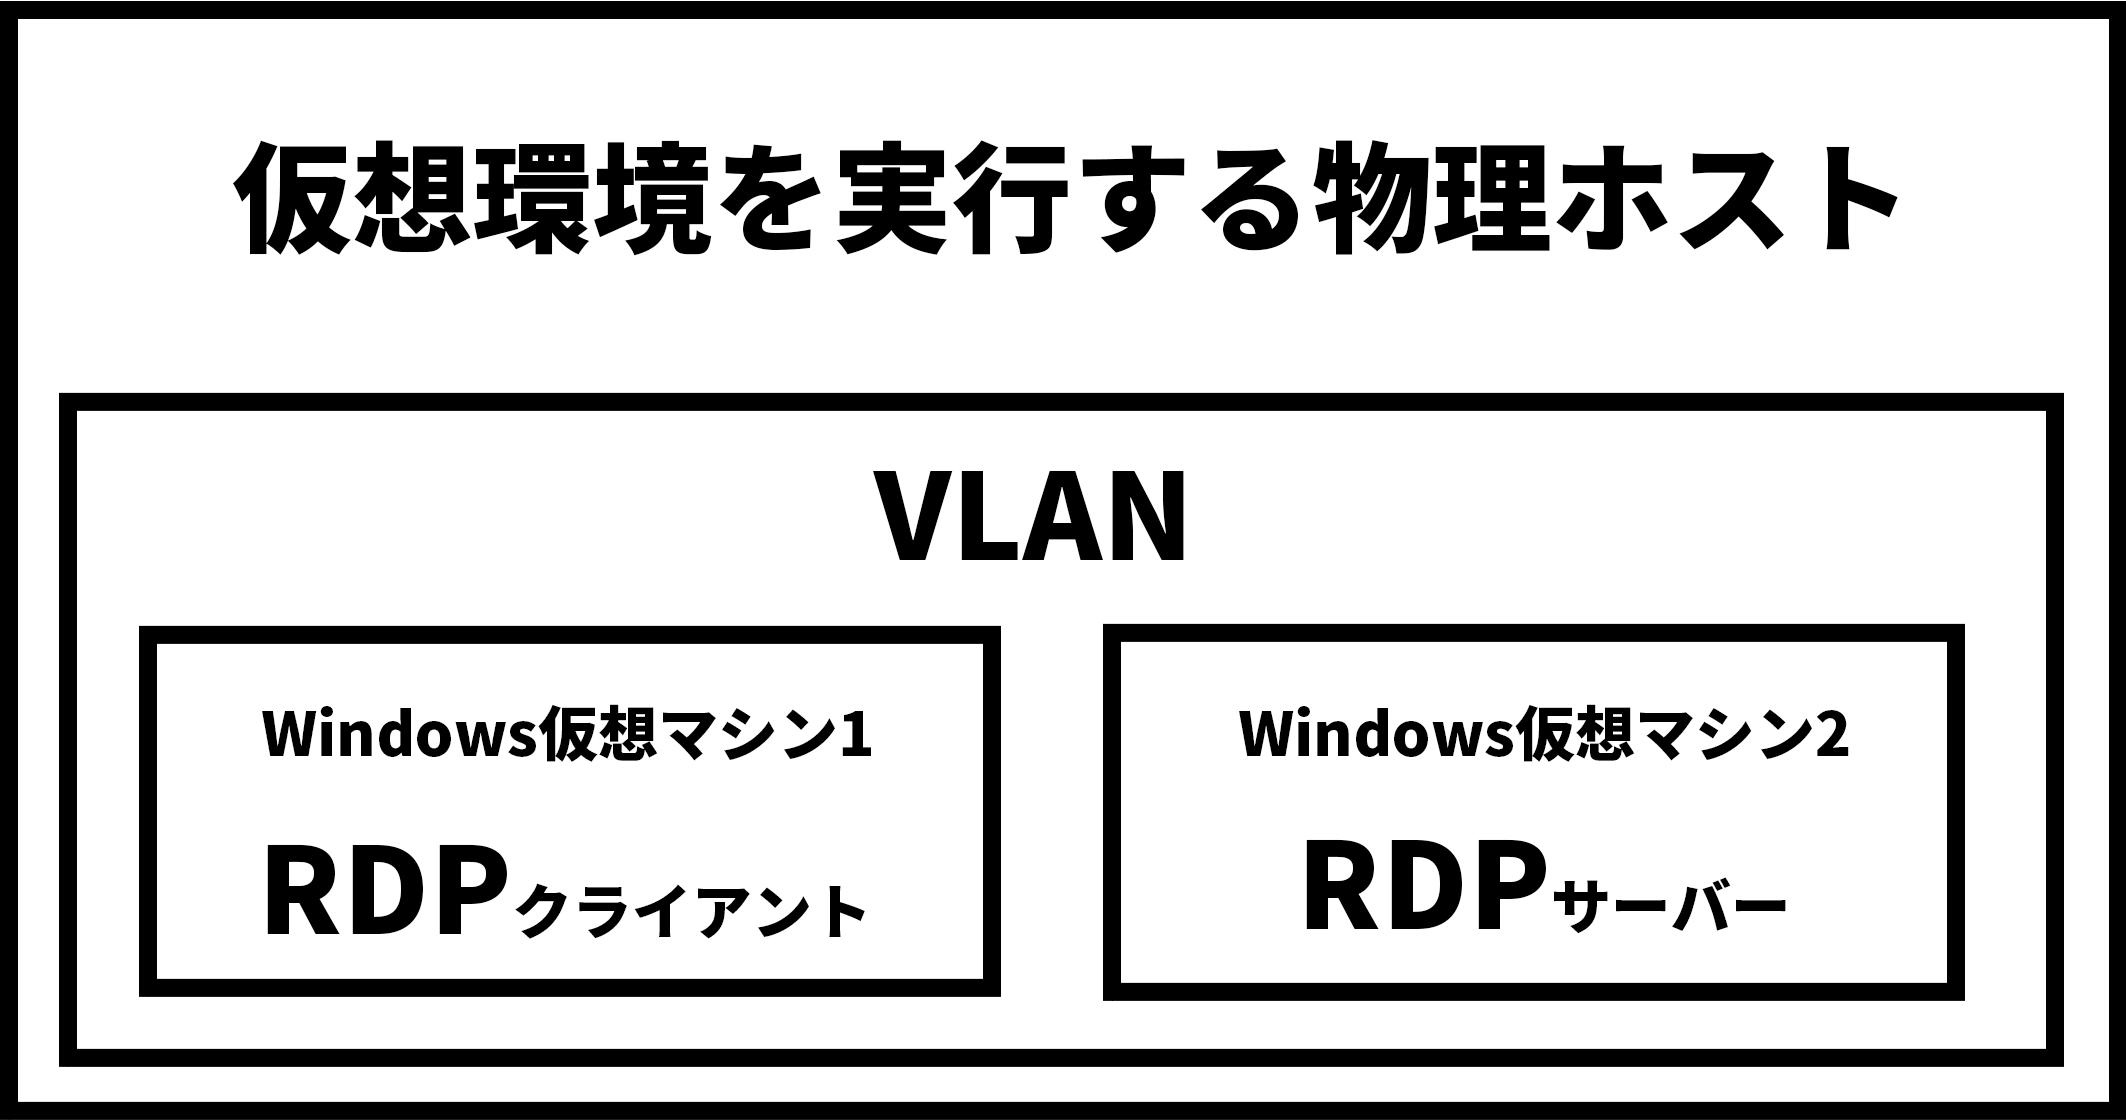 RDPトラフィックの復号に関する本講座で使用されるラボのセットアップには、仮想化環境を実行する物理ホスト、仮想LAN、RDPクライアントとして機能するWindows VM、およびRDPサーバーとして機能するWindows VMが含まれます。